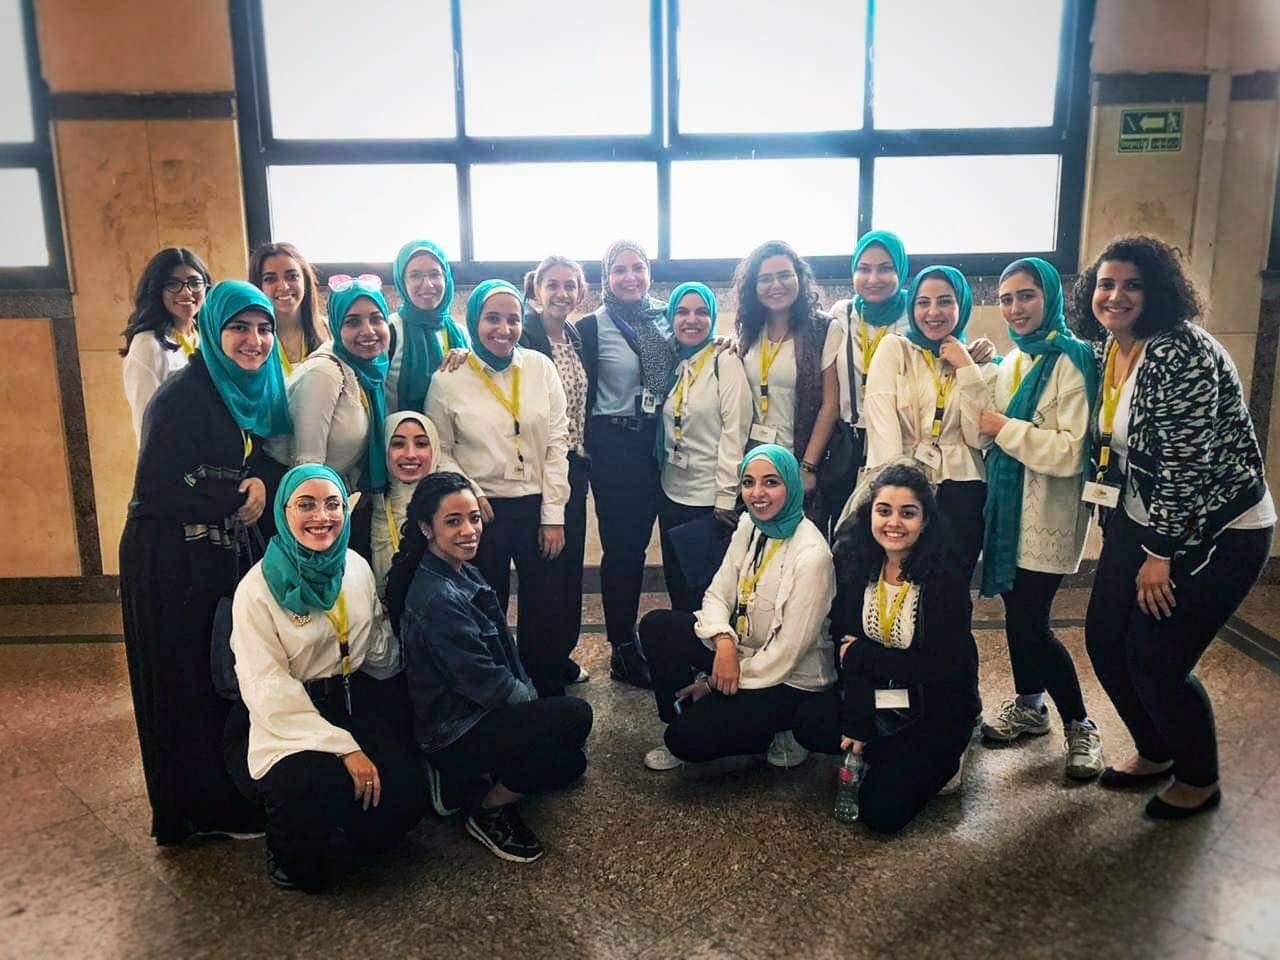 صورة شبل ونص أول مركز صحي ورياضي للأطفال في مصر بجامعة عين شمس